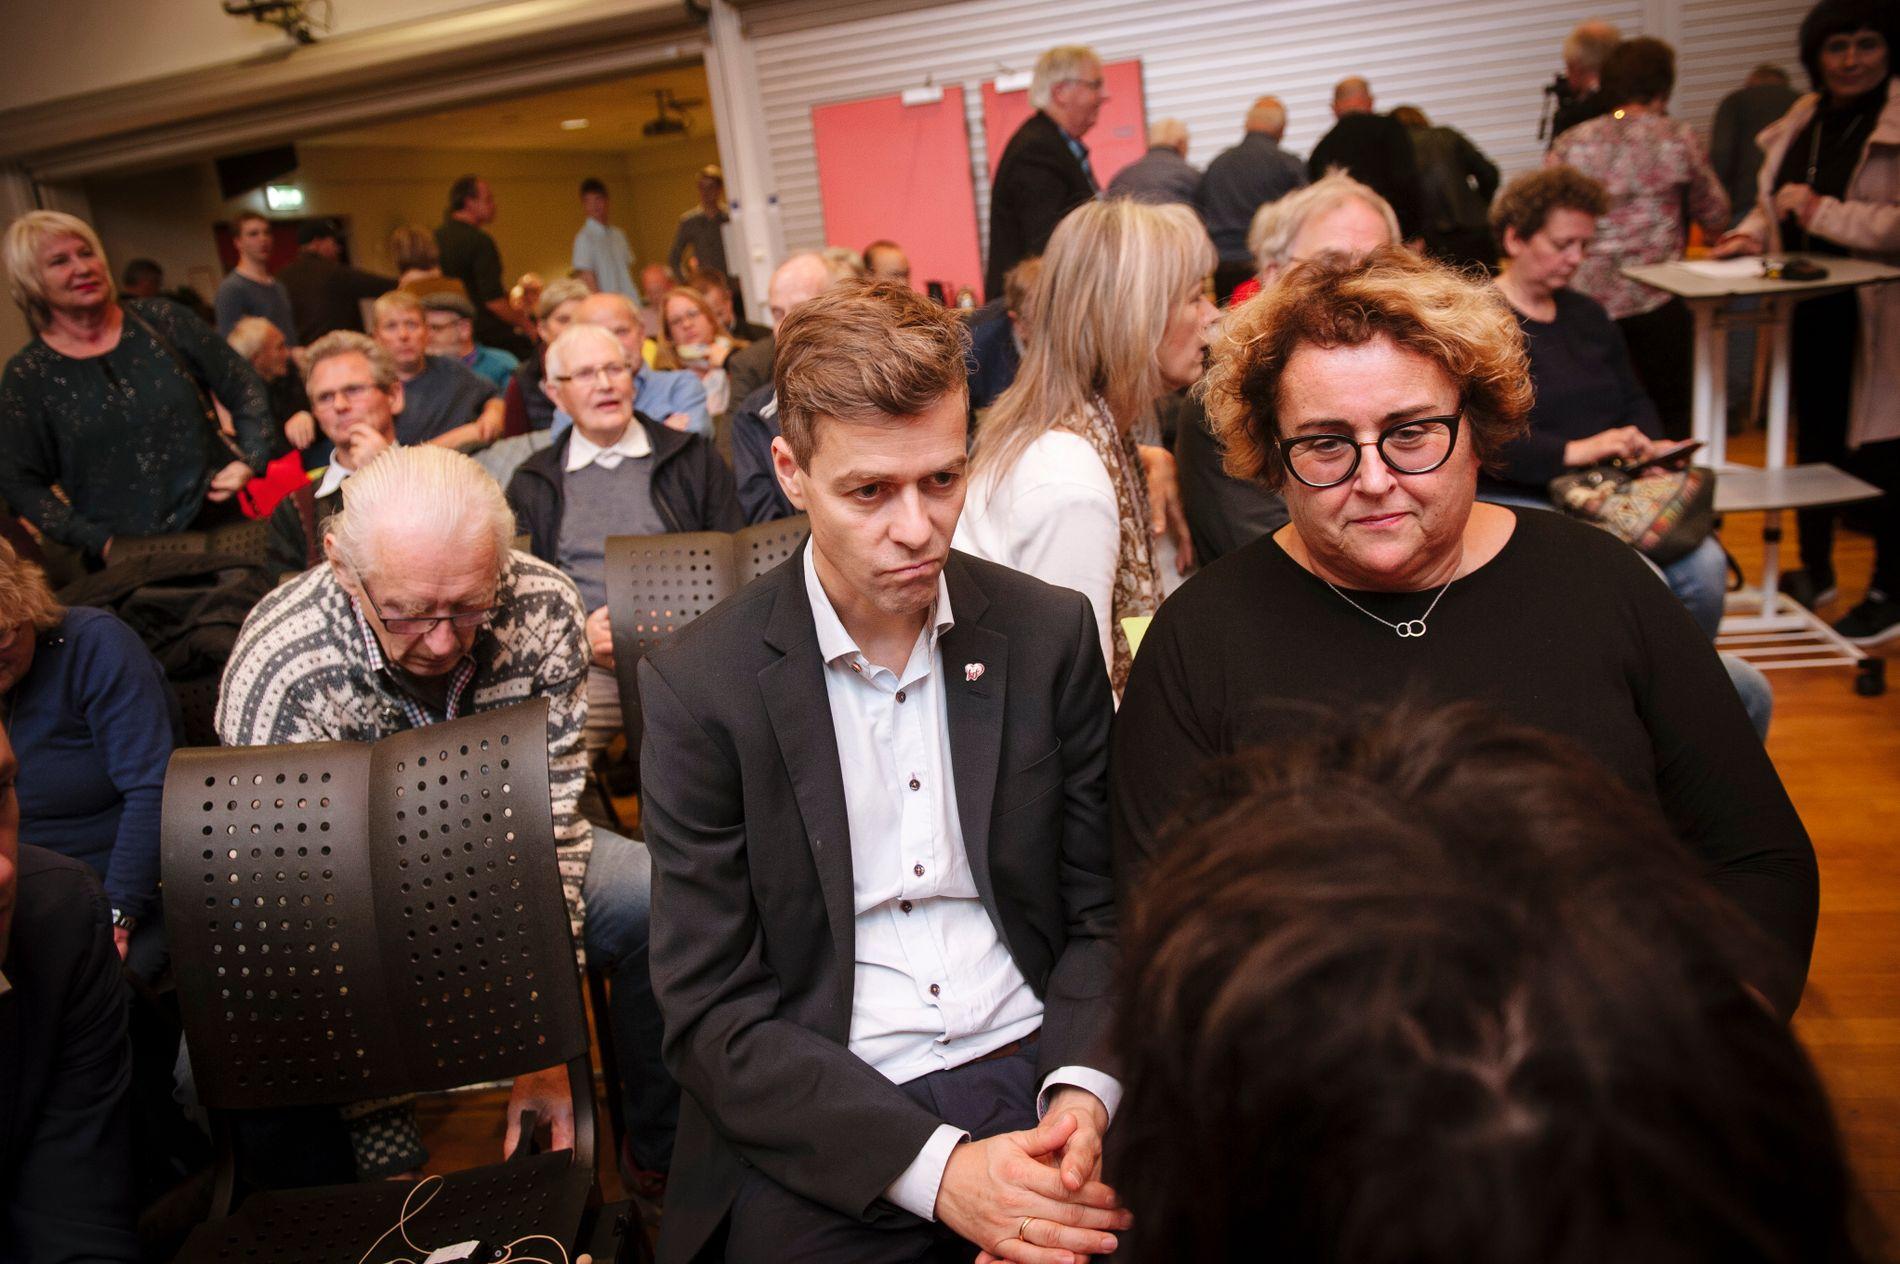 UENIGE: Partileder Knut Arild Hareide og nestleder Olaug Bollestad, her under medlemsmøtet i Trøndelag KrF tidligere denne uken.